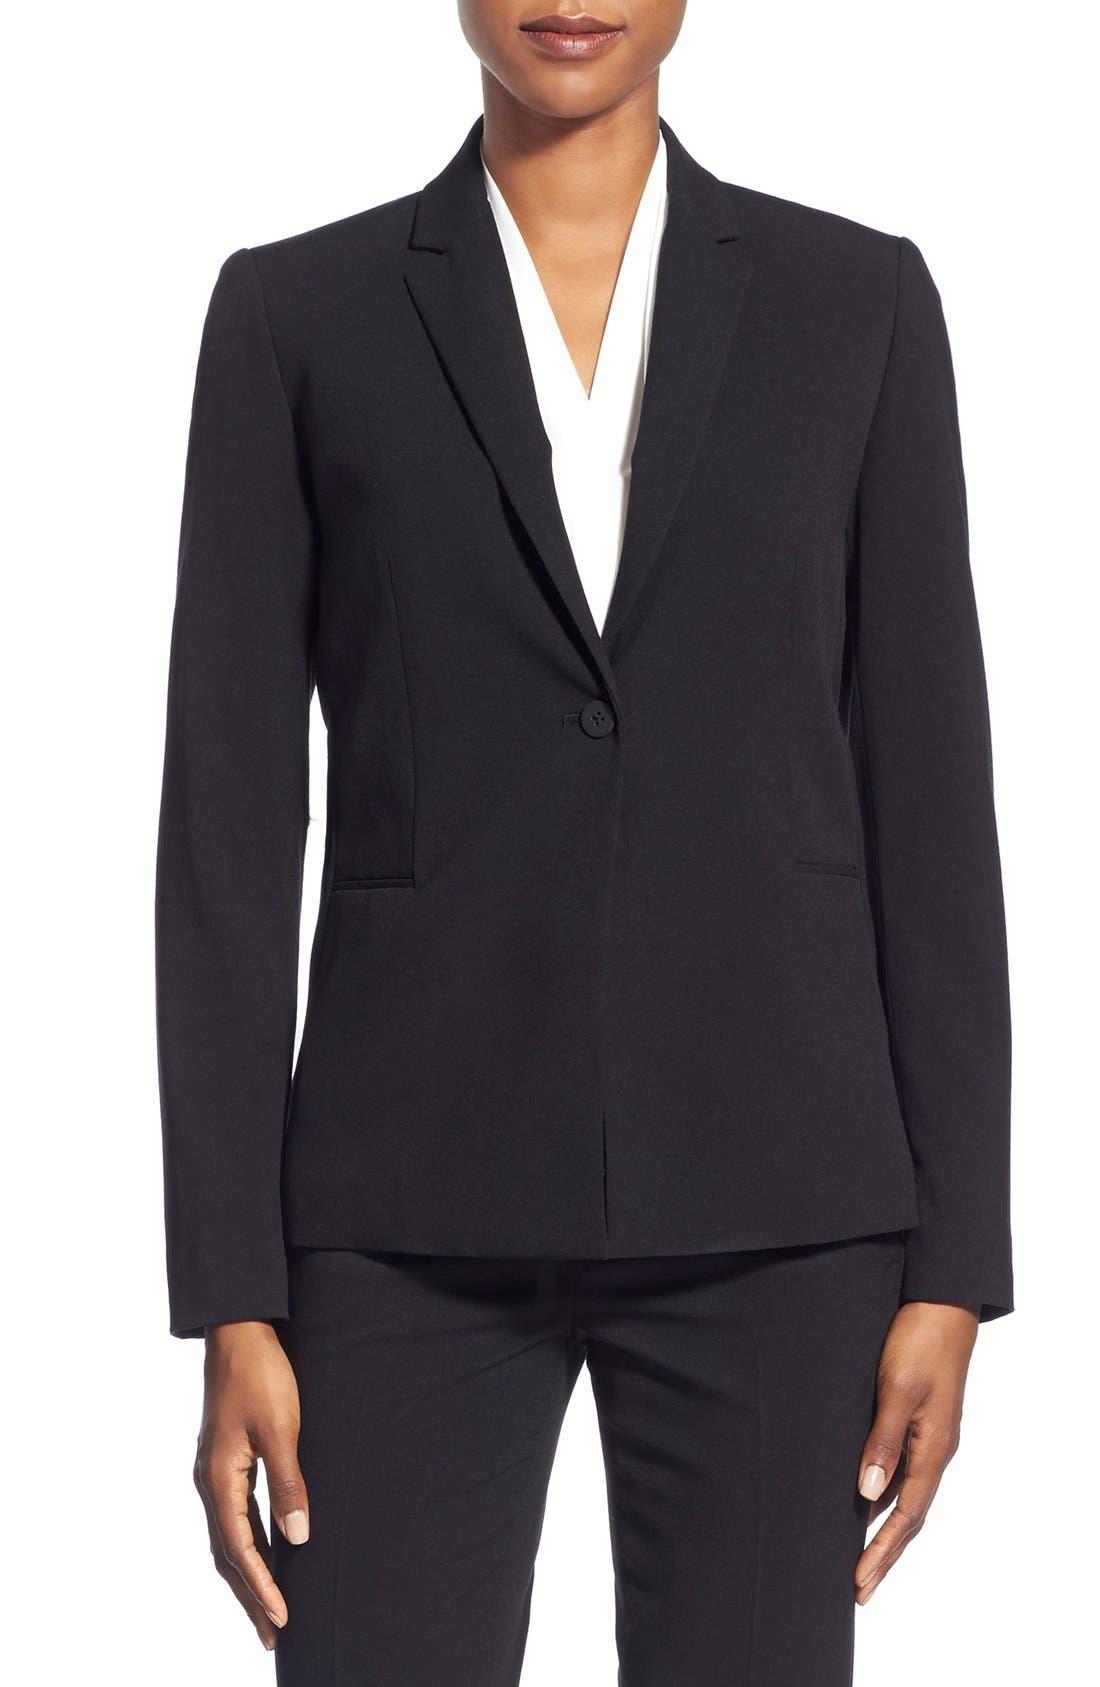 Jolie Stretch Woven Suit Jacket,                         Main,                         color, Black